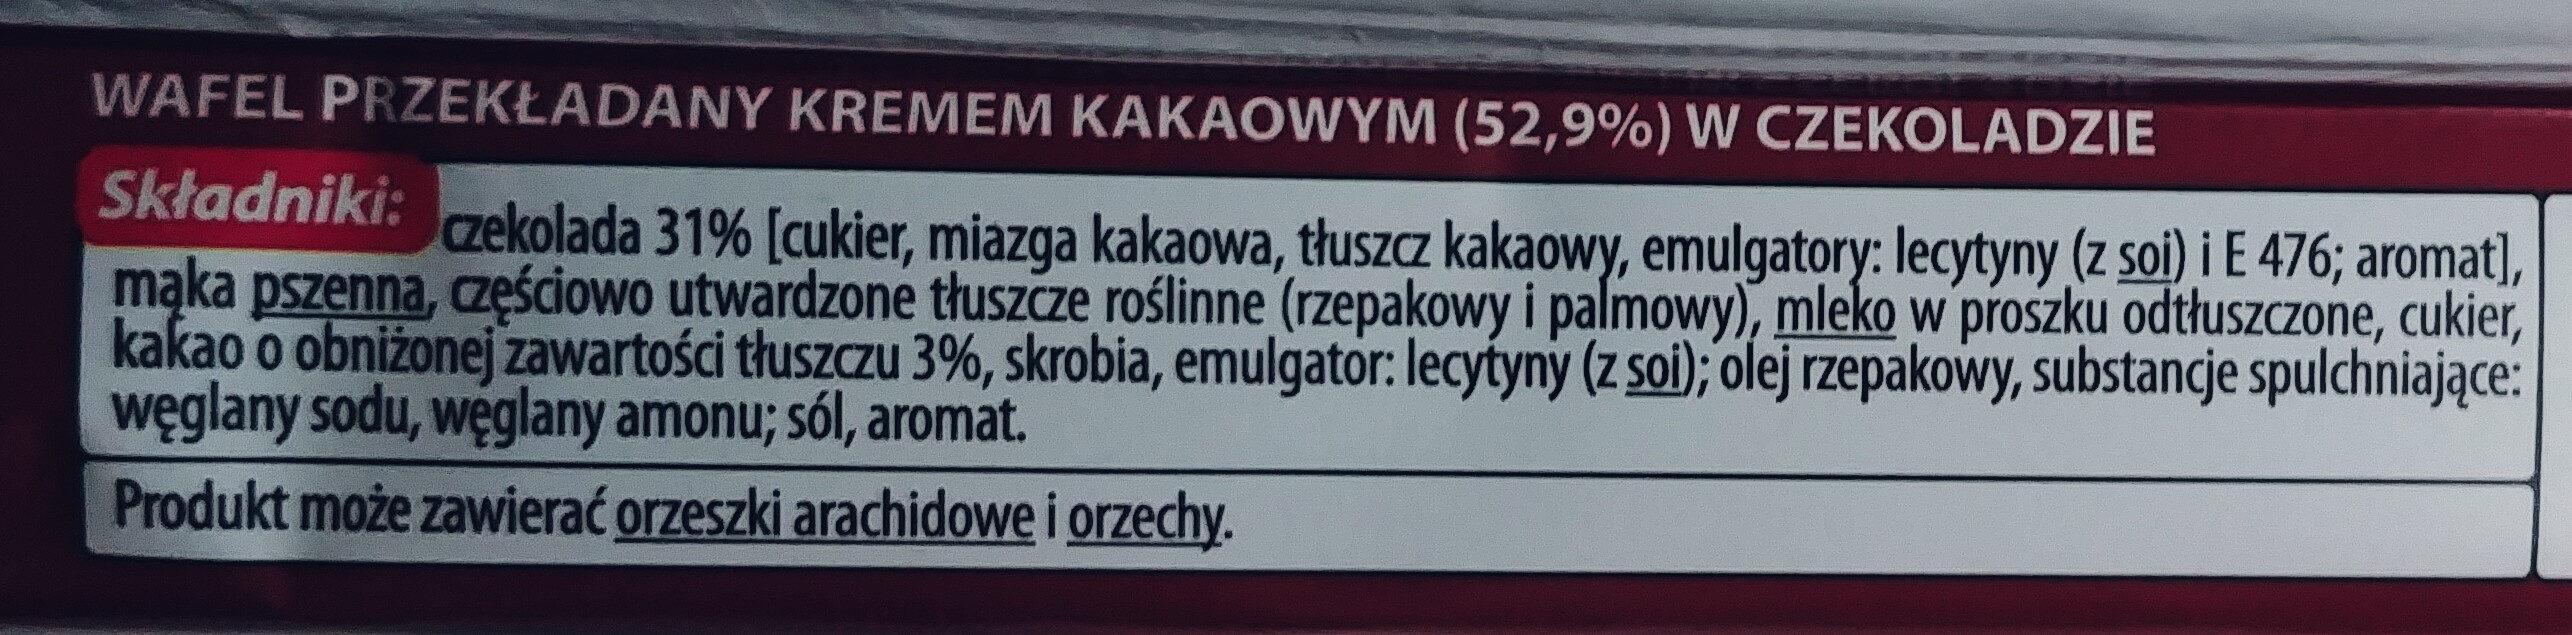 Wafel przekładany kremem kakaowym (52,9%) w czekoladzie - Składniki - pl